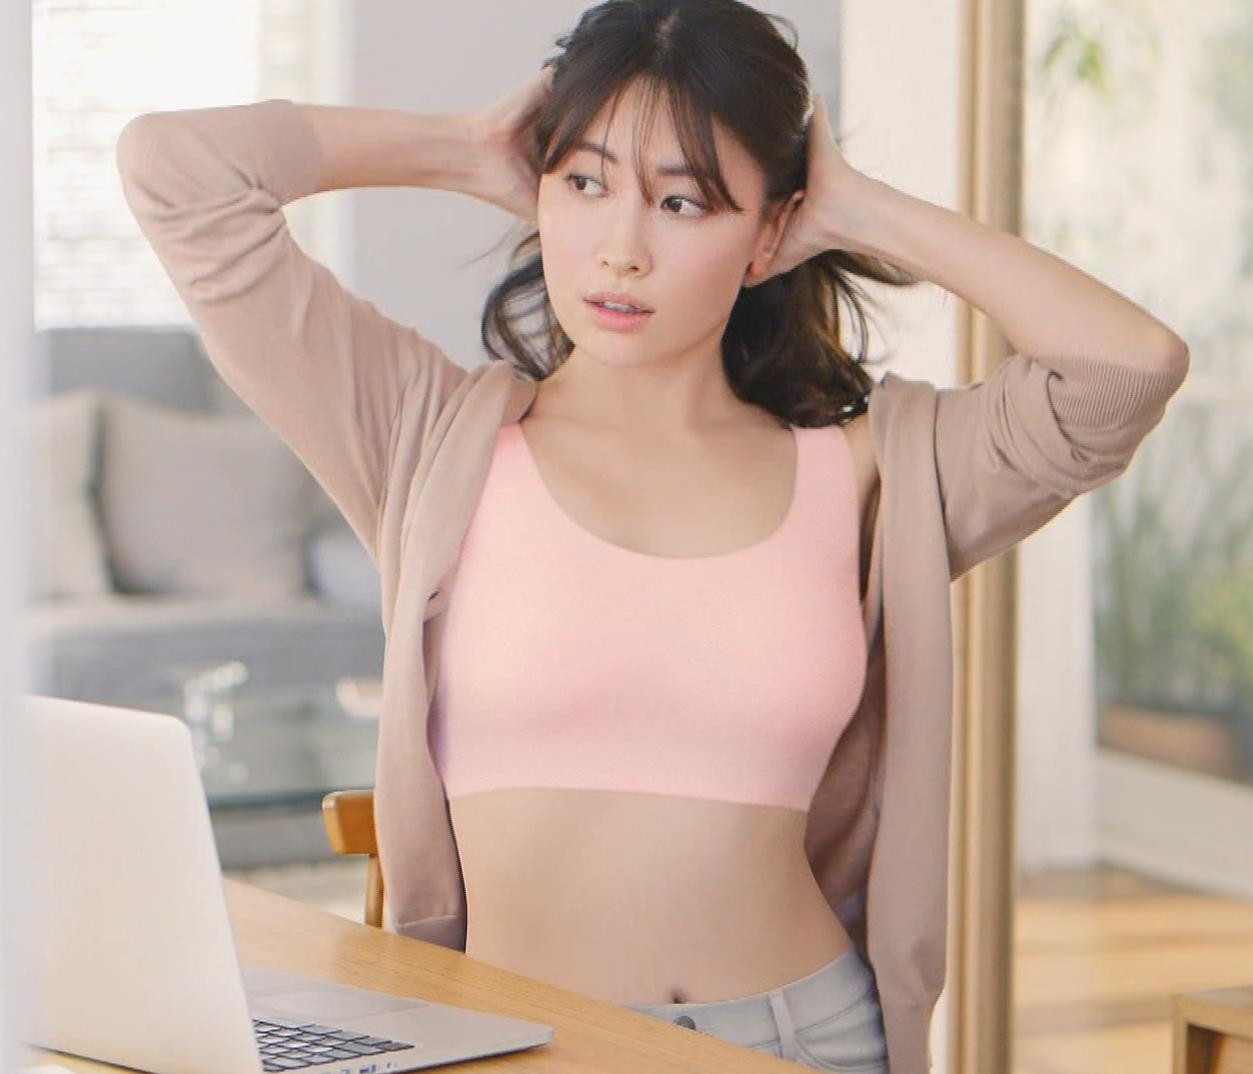 小嶋陽菜 エロ過ぎブラジャーCM ユニクロ「ワイヤレスブラ(リラックス)」キャプ・エロ画像5